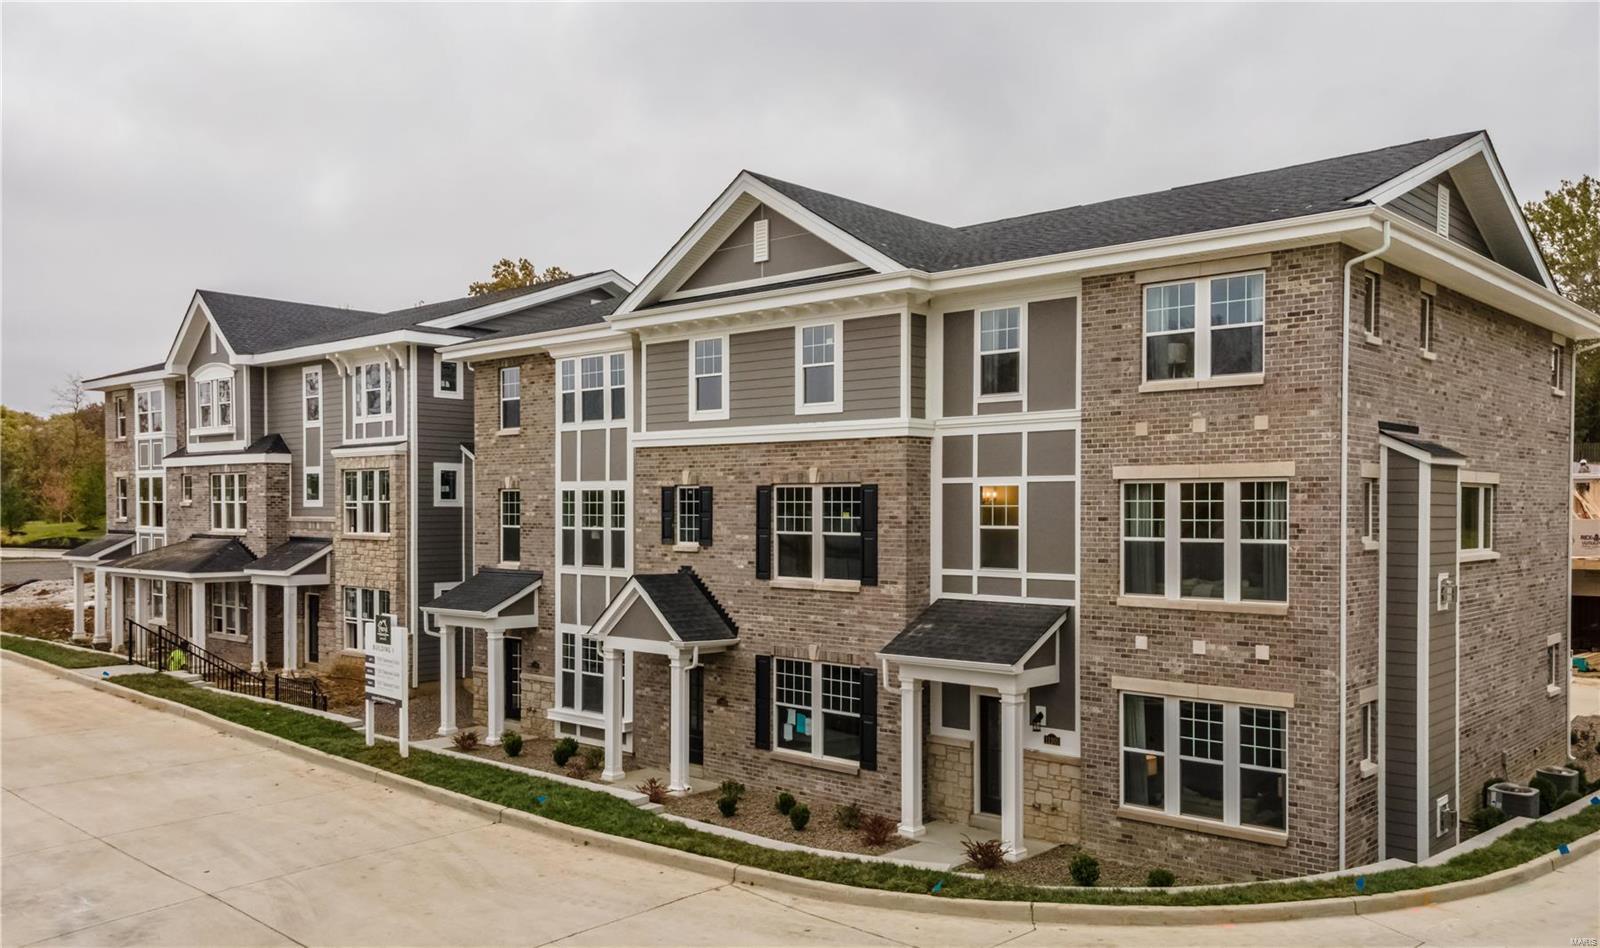 11205 Talamore Circle Property Photo - Frontenac, MO real estate listing